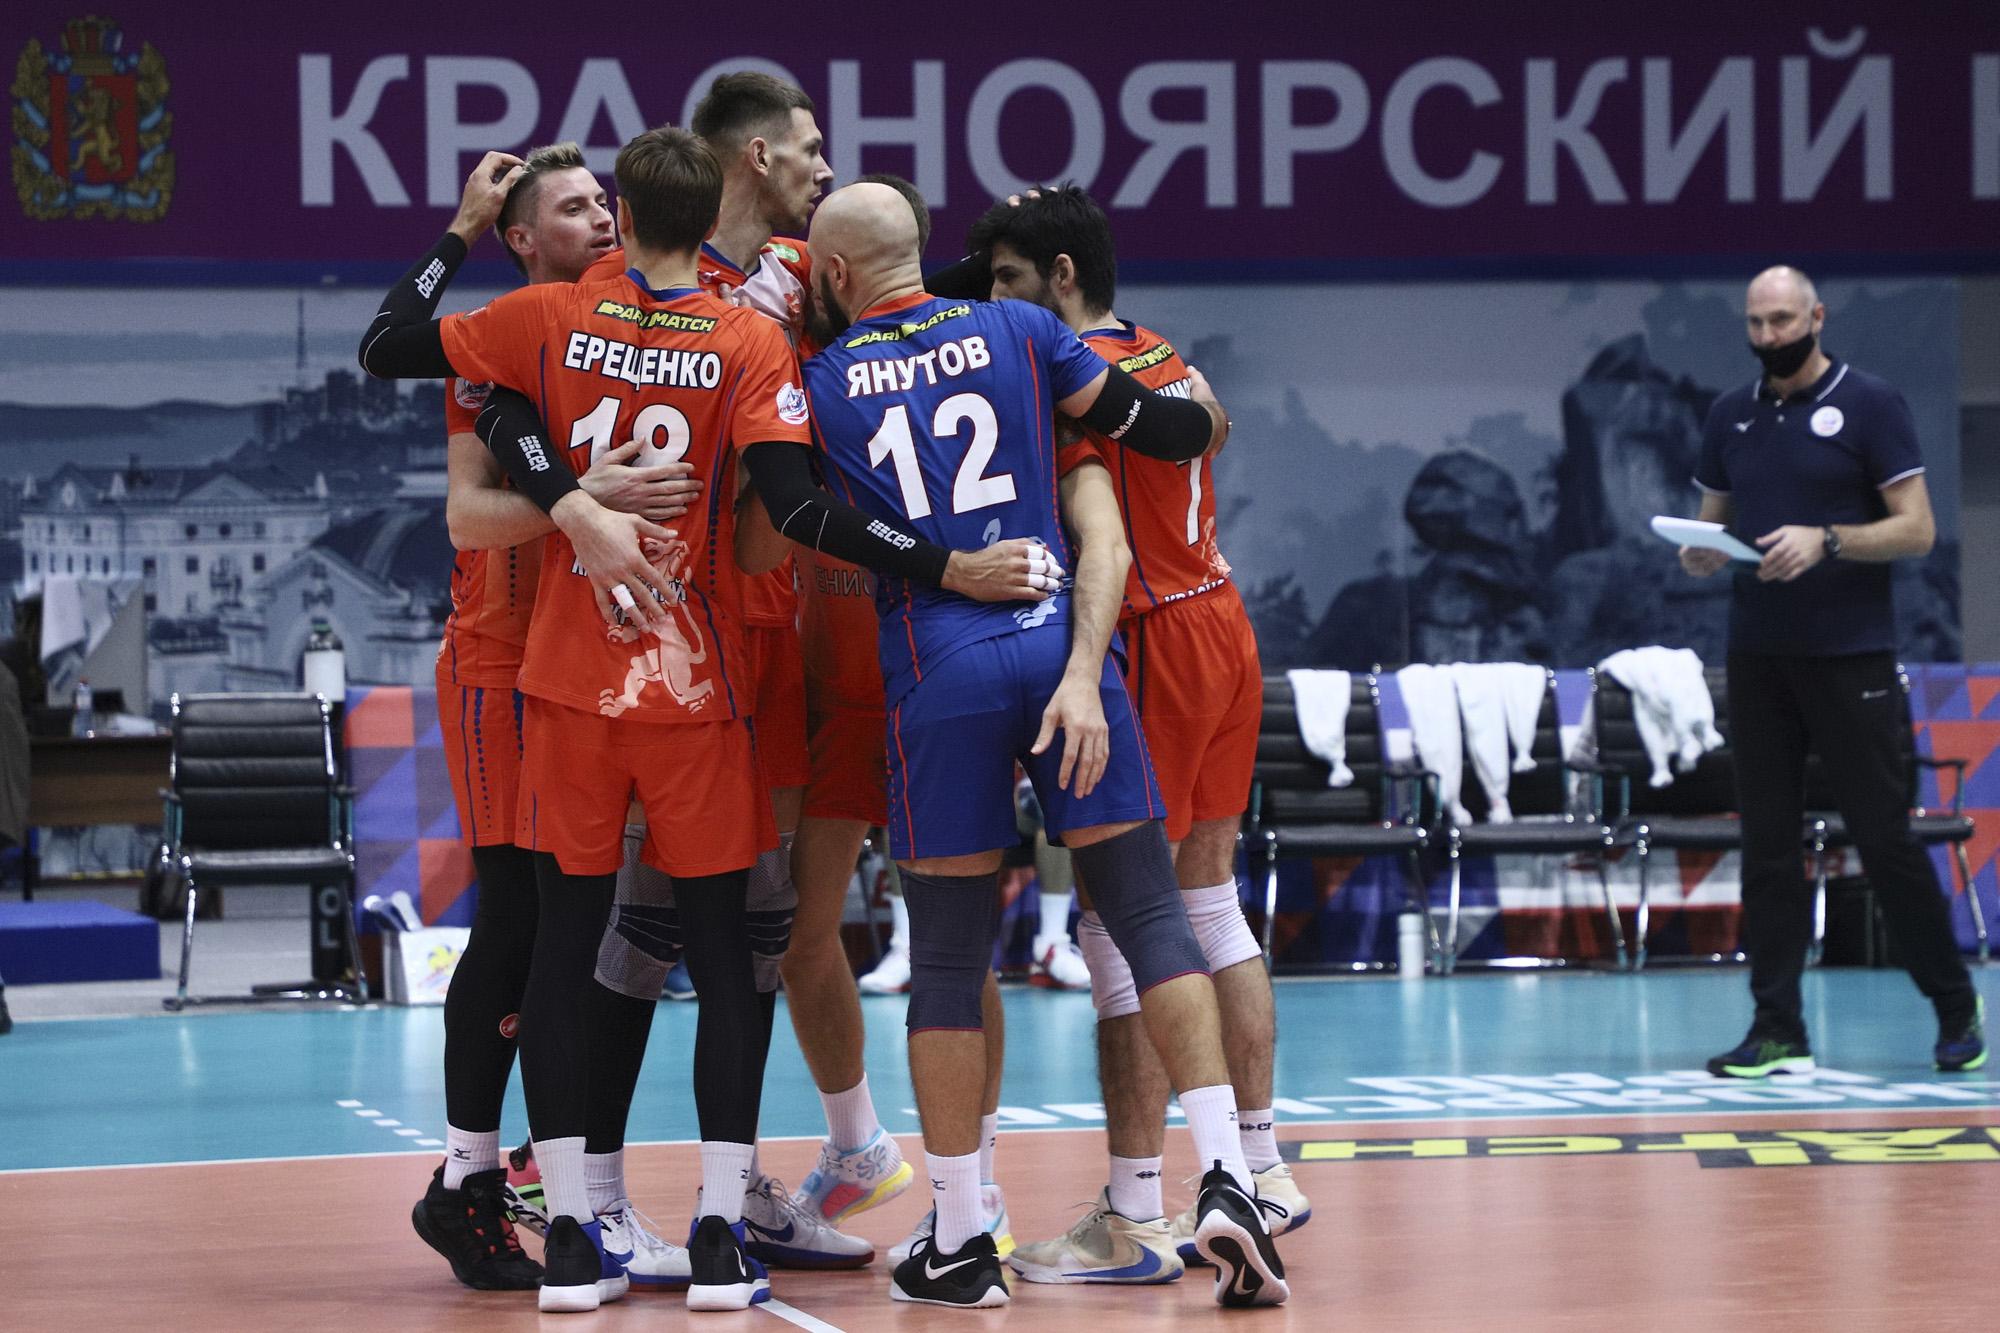 Енисей волейбольный клуб красноярск мужчины ночные клубы спб кому за 40